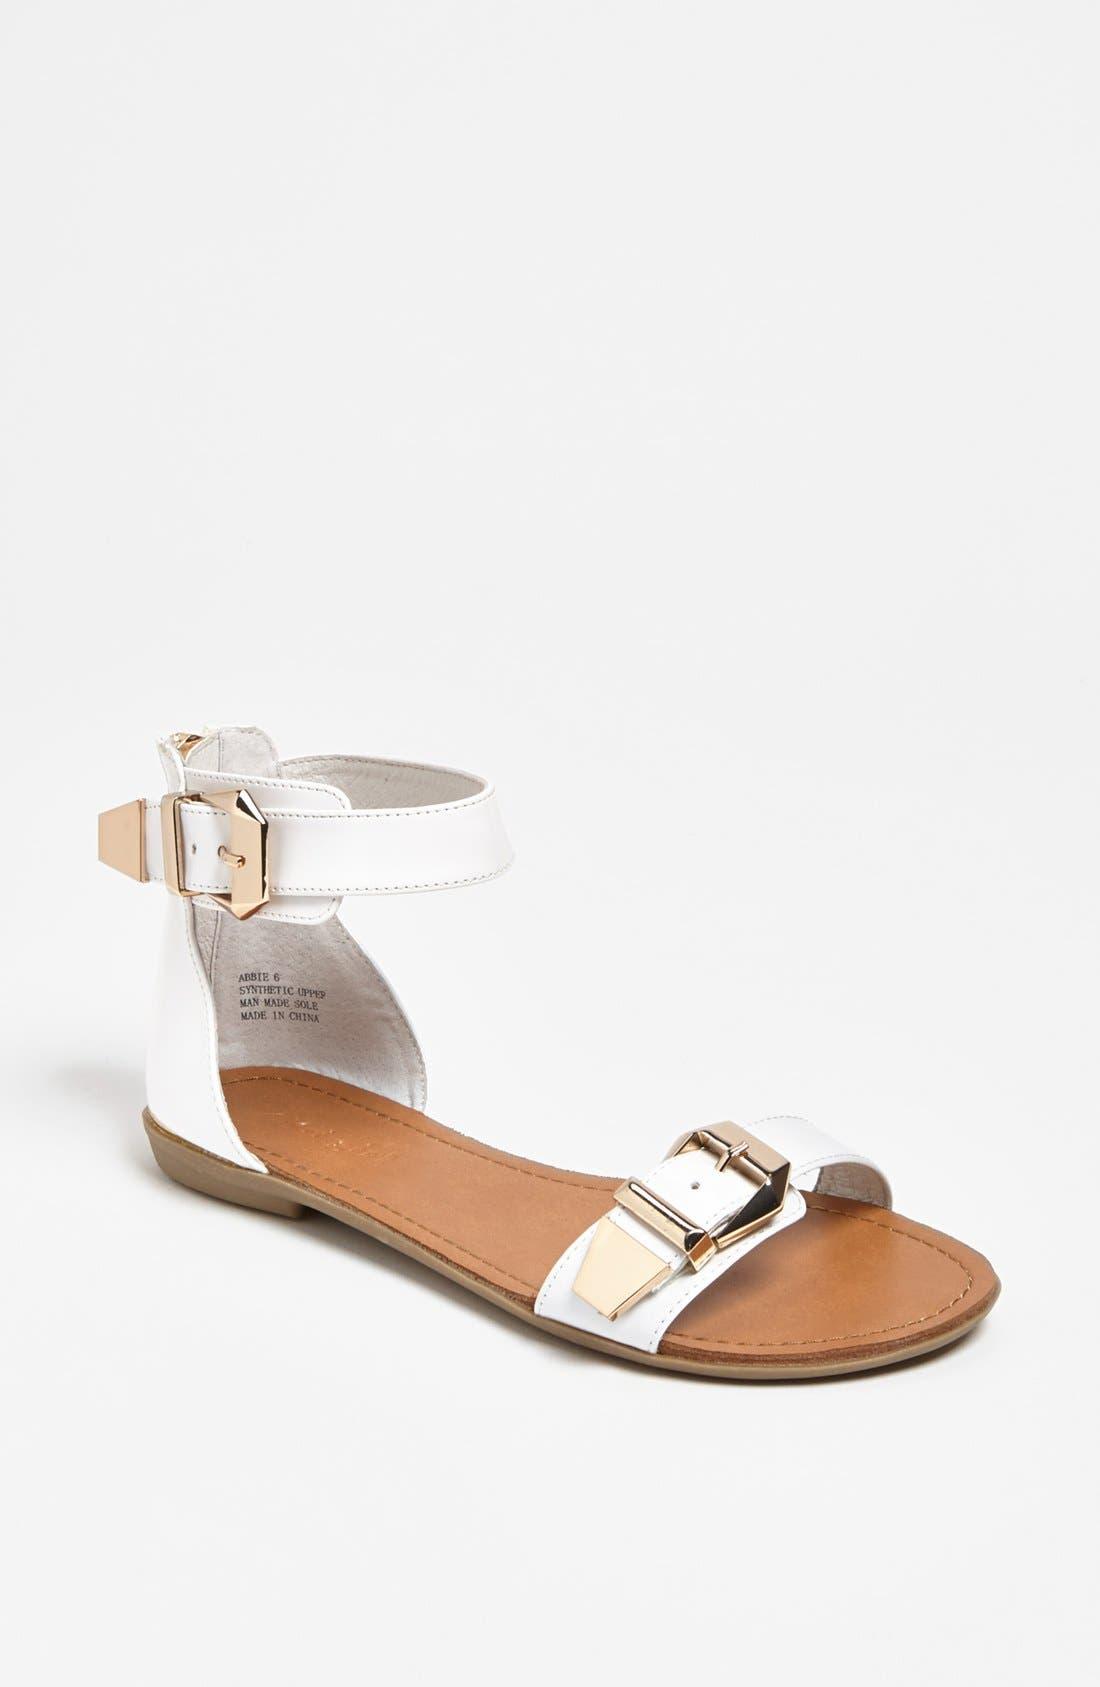 Alternate Image 1 Selected - ZiGi girl 'Abbie' Sandal